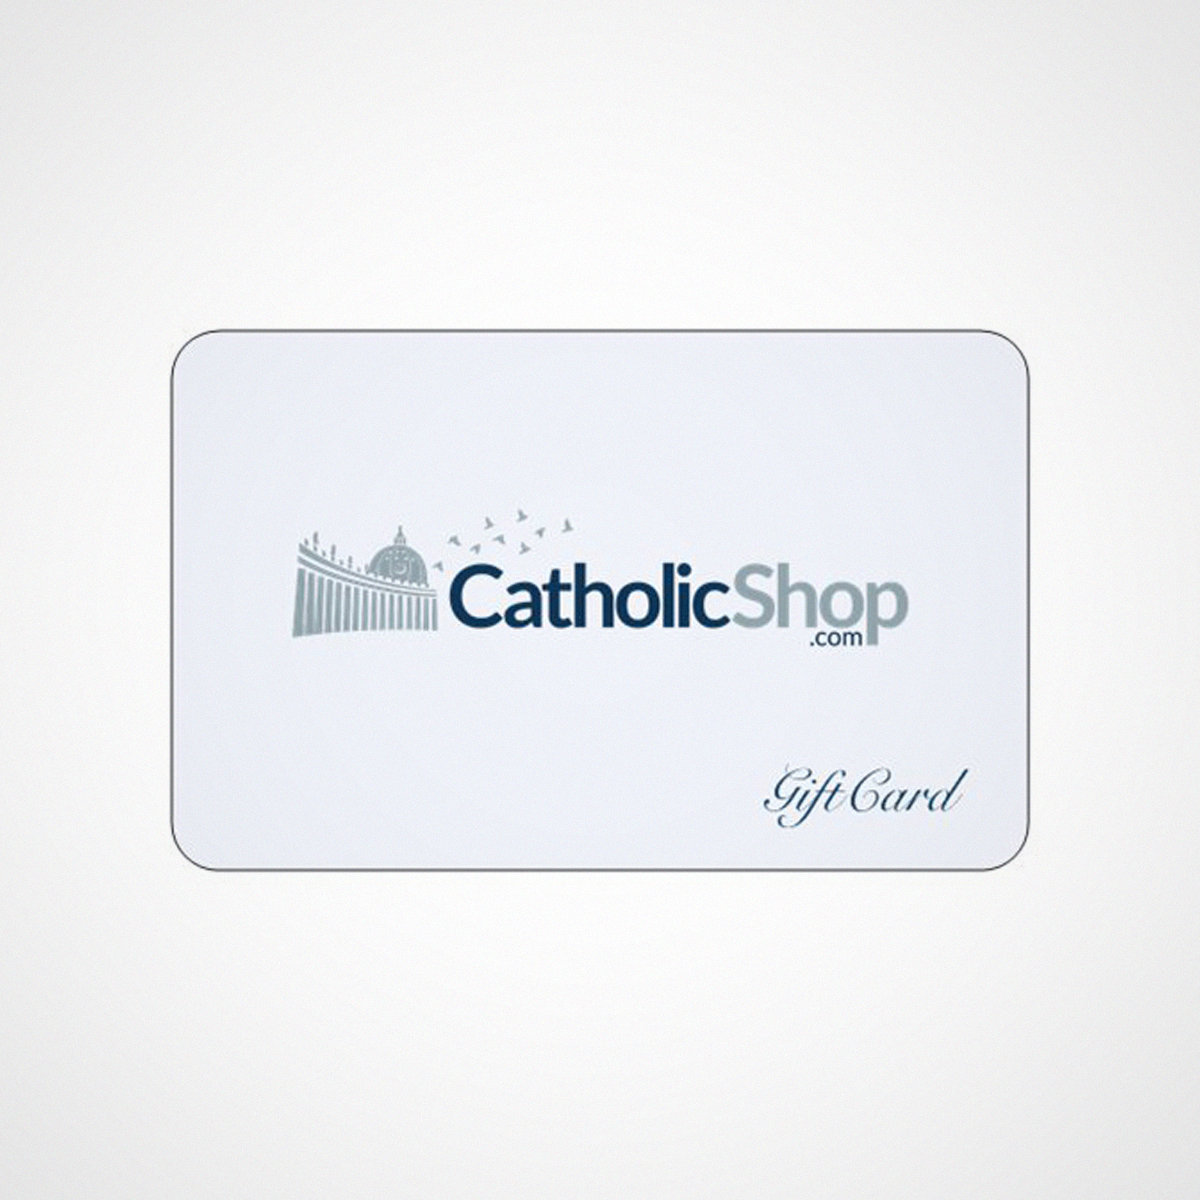 CatholicShop.com Gift Card